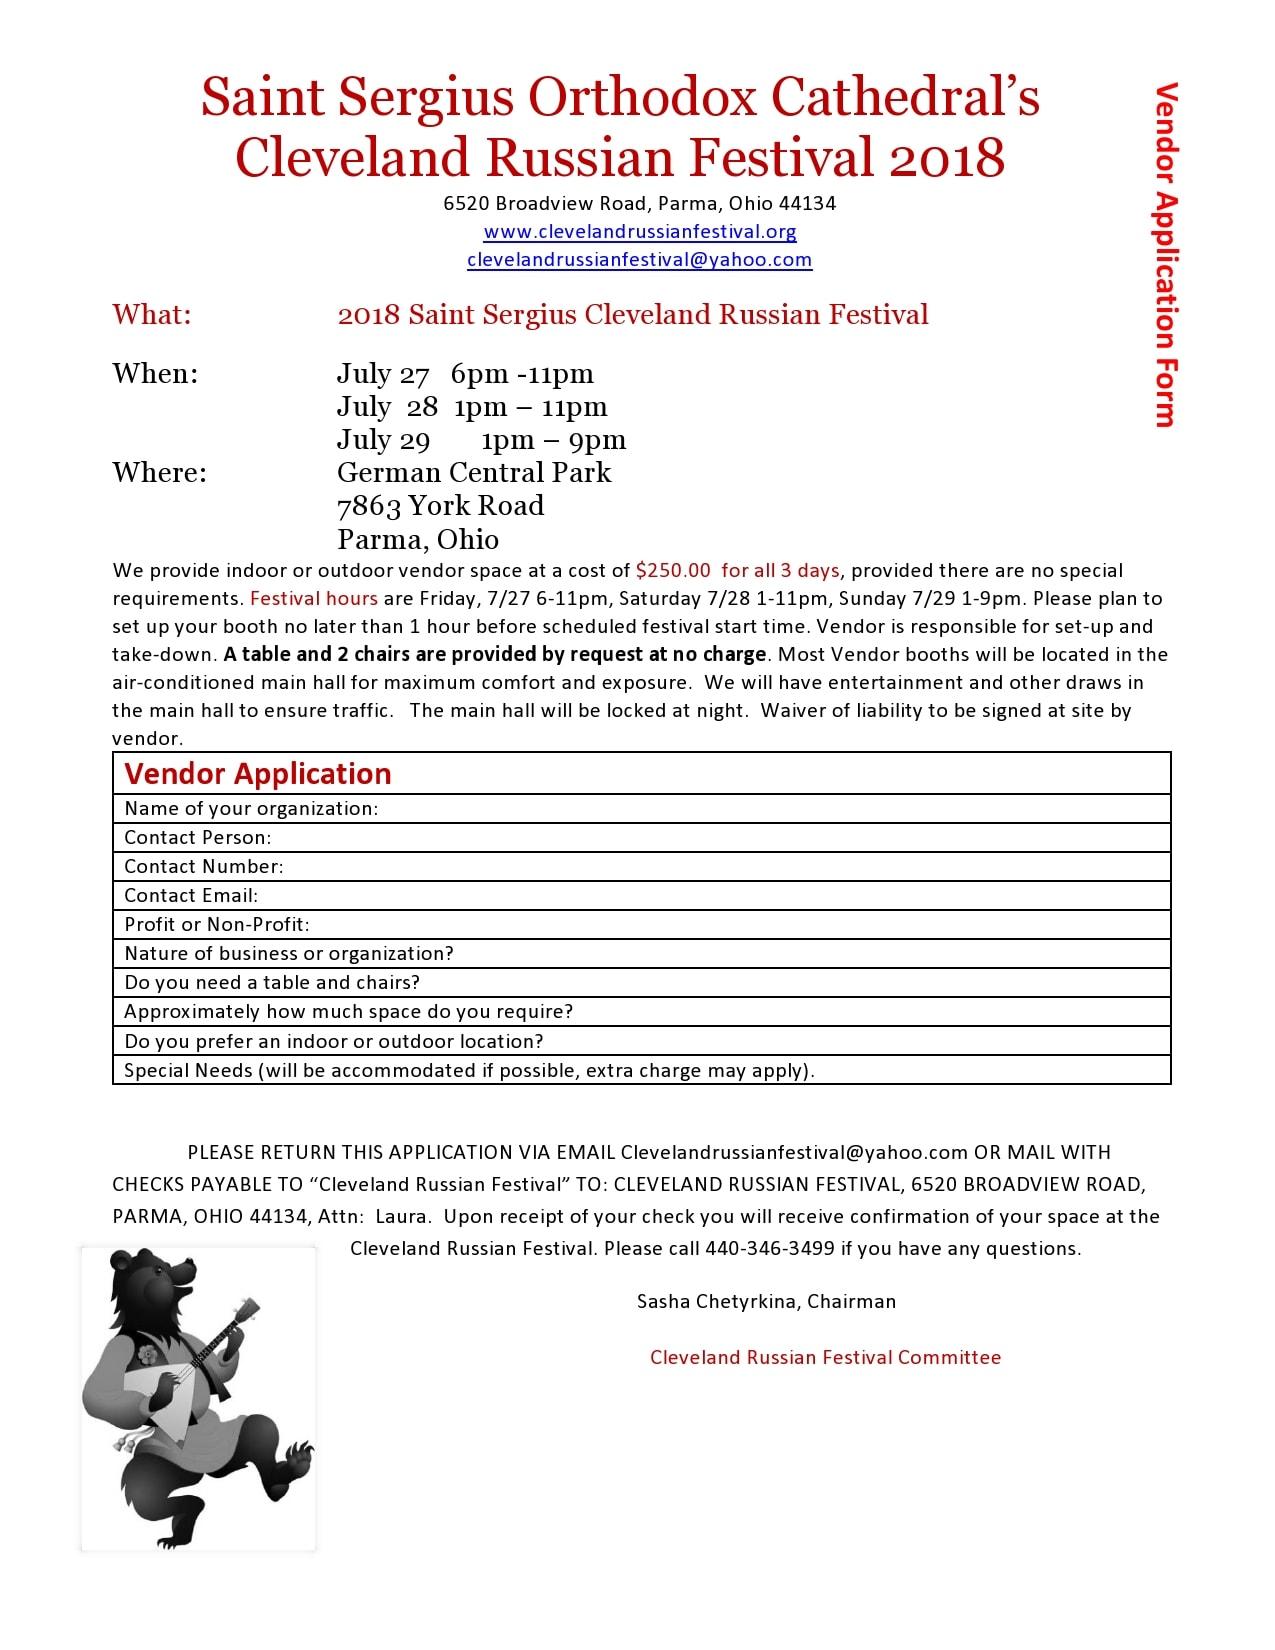 vendor application form 24